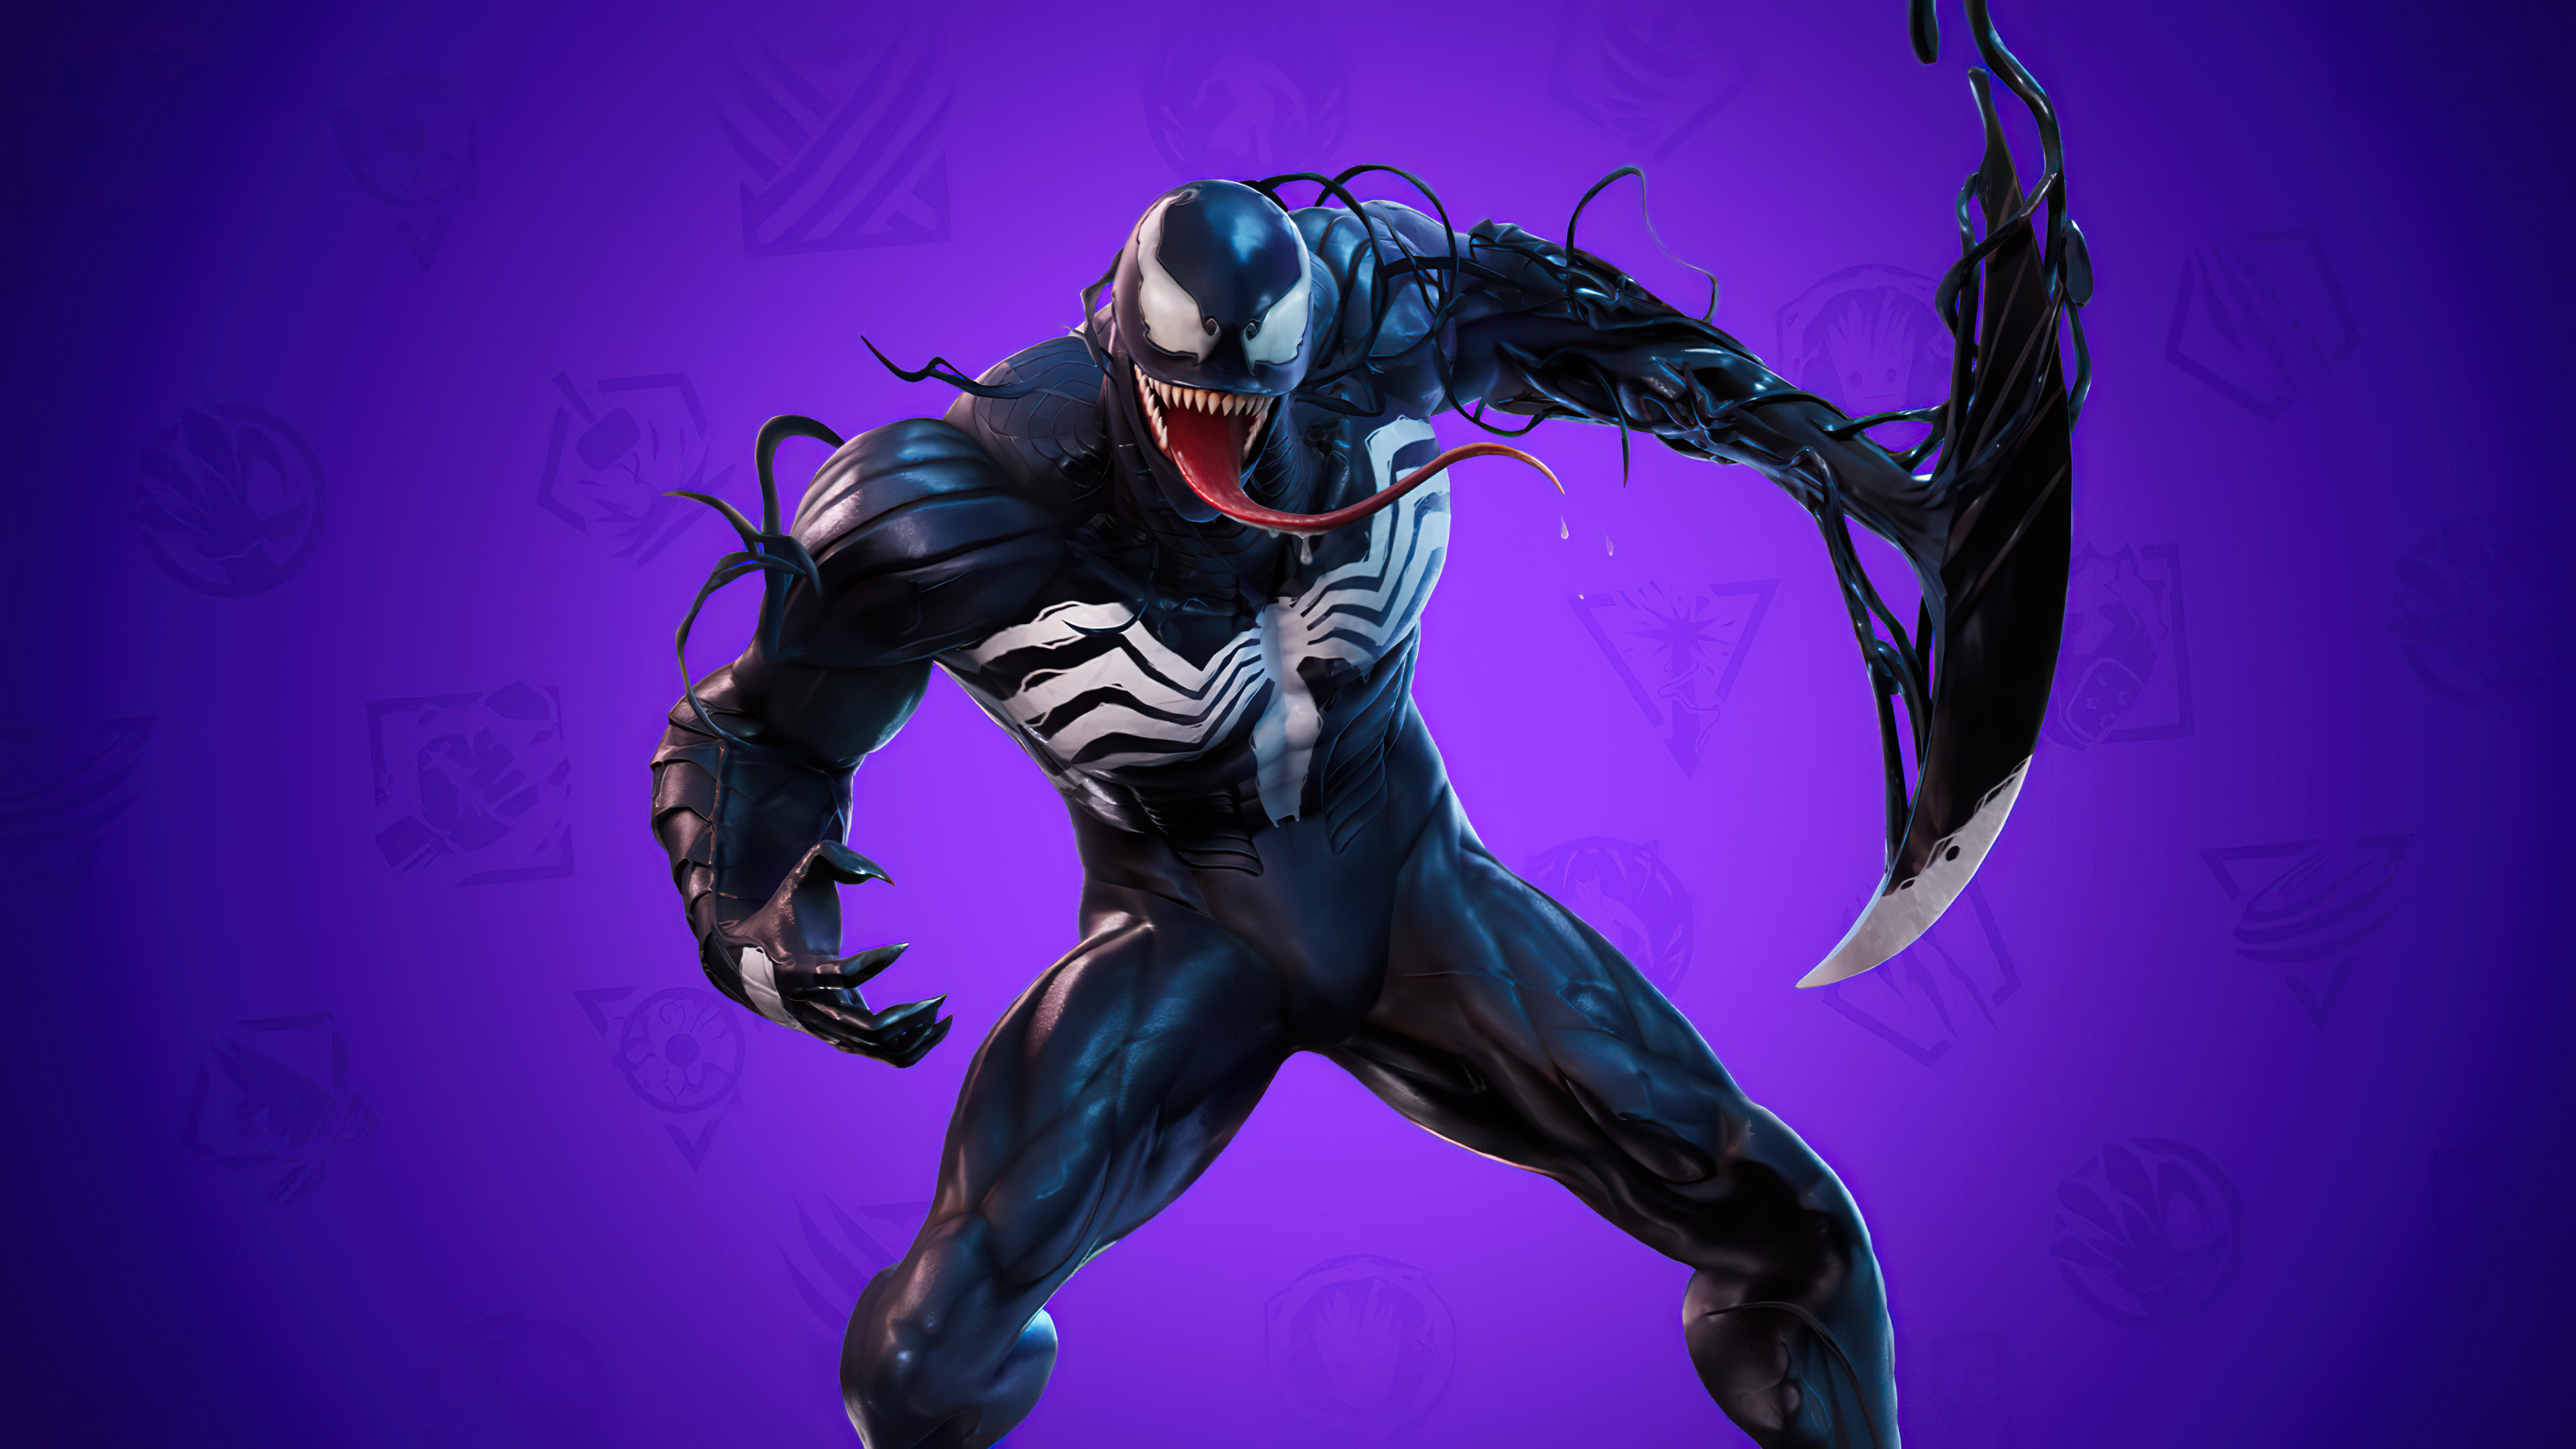 fortnite marvel series venom 4k 1614866311 - Fortnite Marvel Series Venom 4k - Fortnite Marvel Series Venom 4k wallpapers